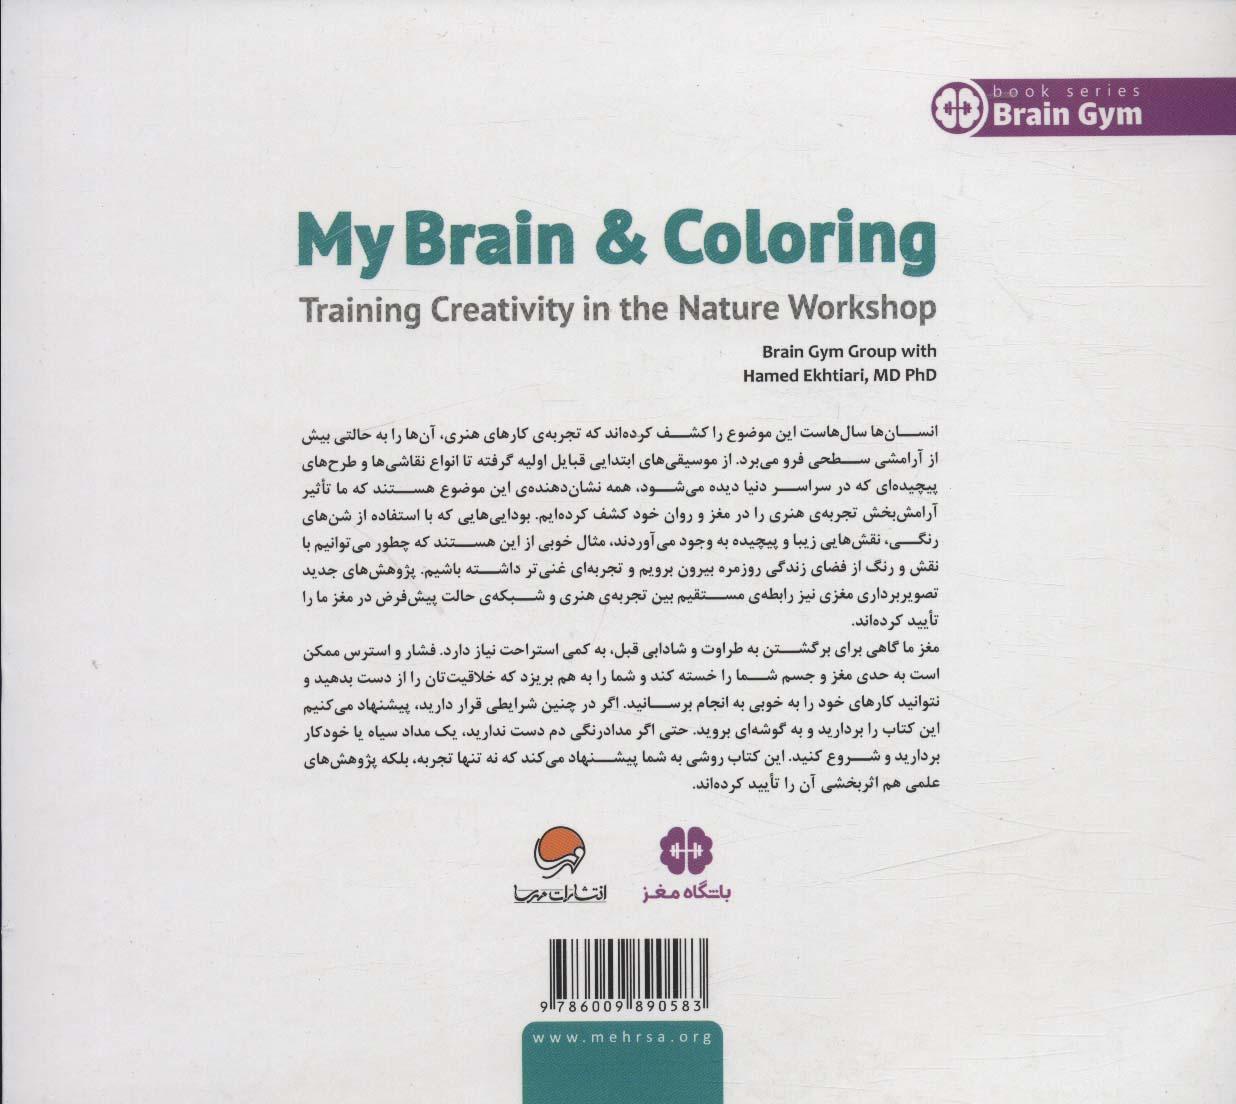 مغز من و رنگ آمیزی 3 (تقویت خلاقیت در کارگاه طبیعت:باشگاه مغز)